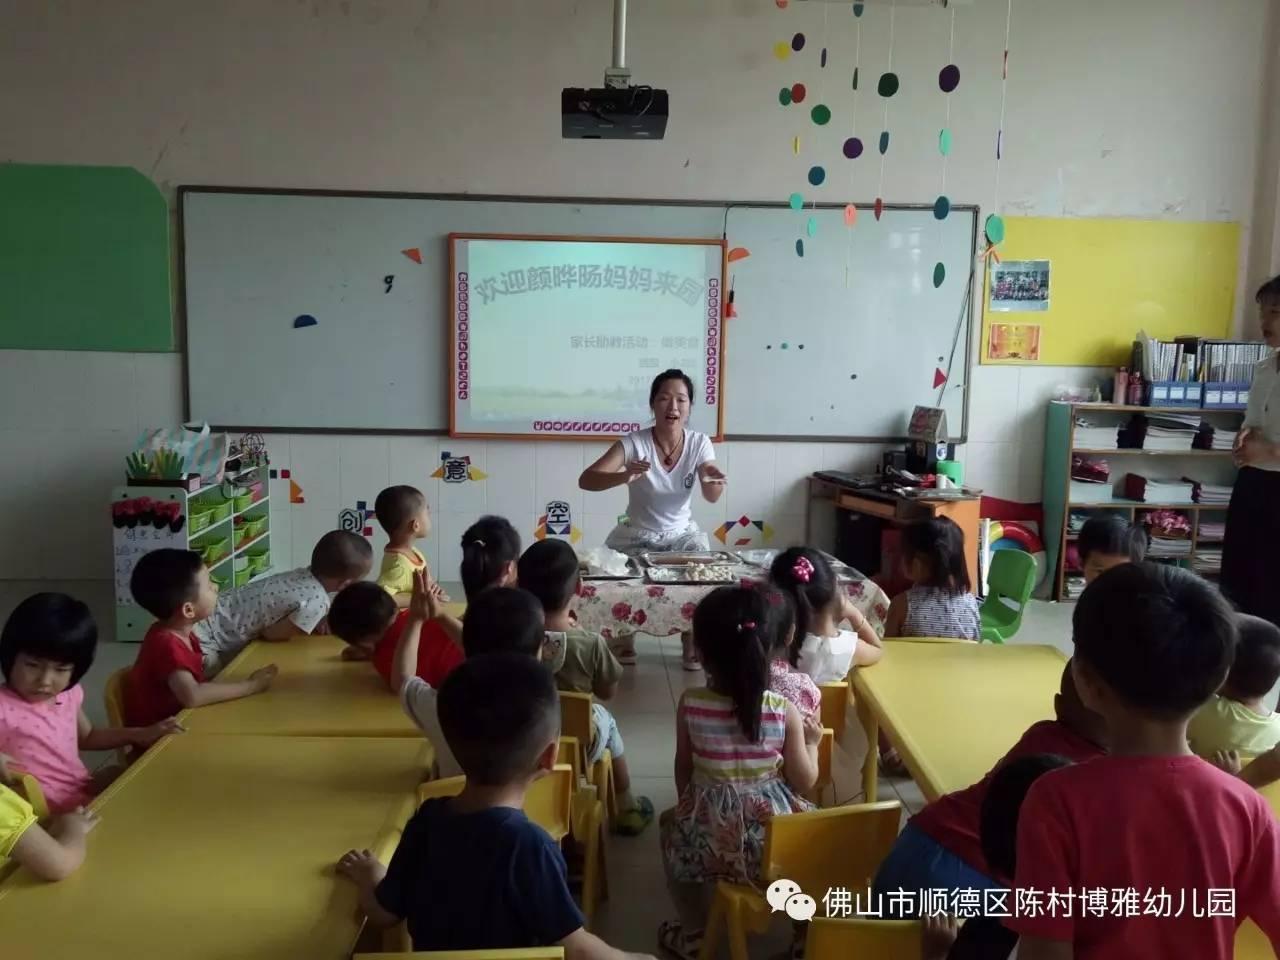 教程助教,携手并进记博雅幼儿园家长使用活动报道fcs家园共育图片